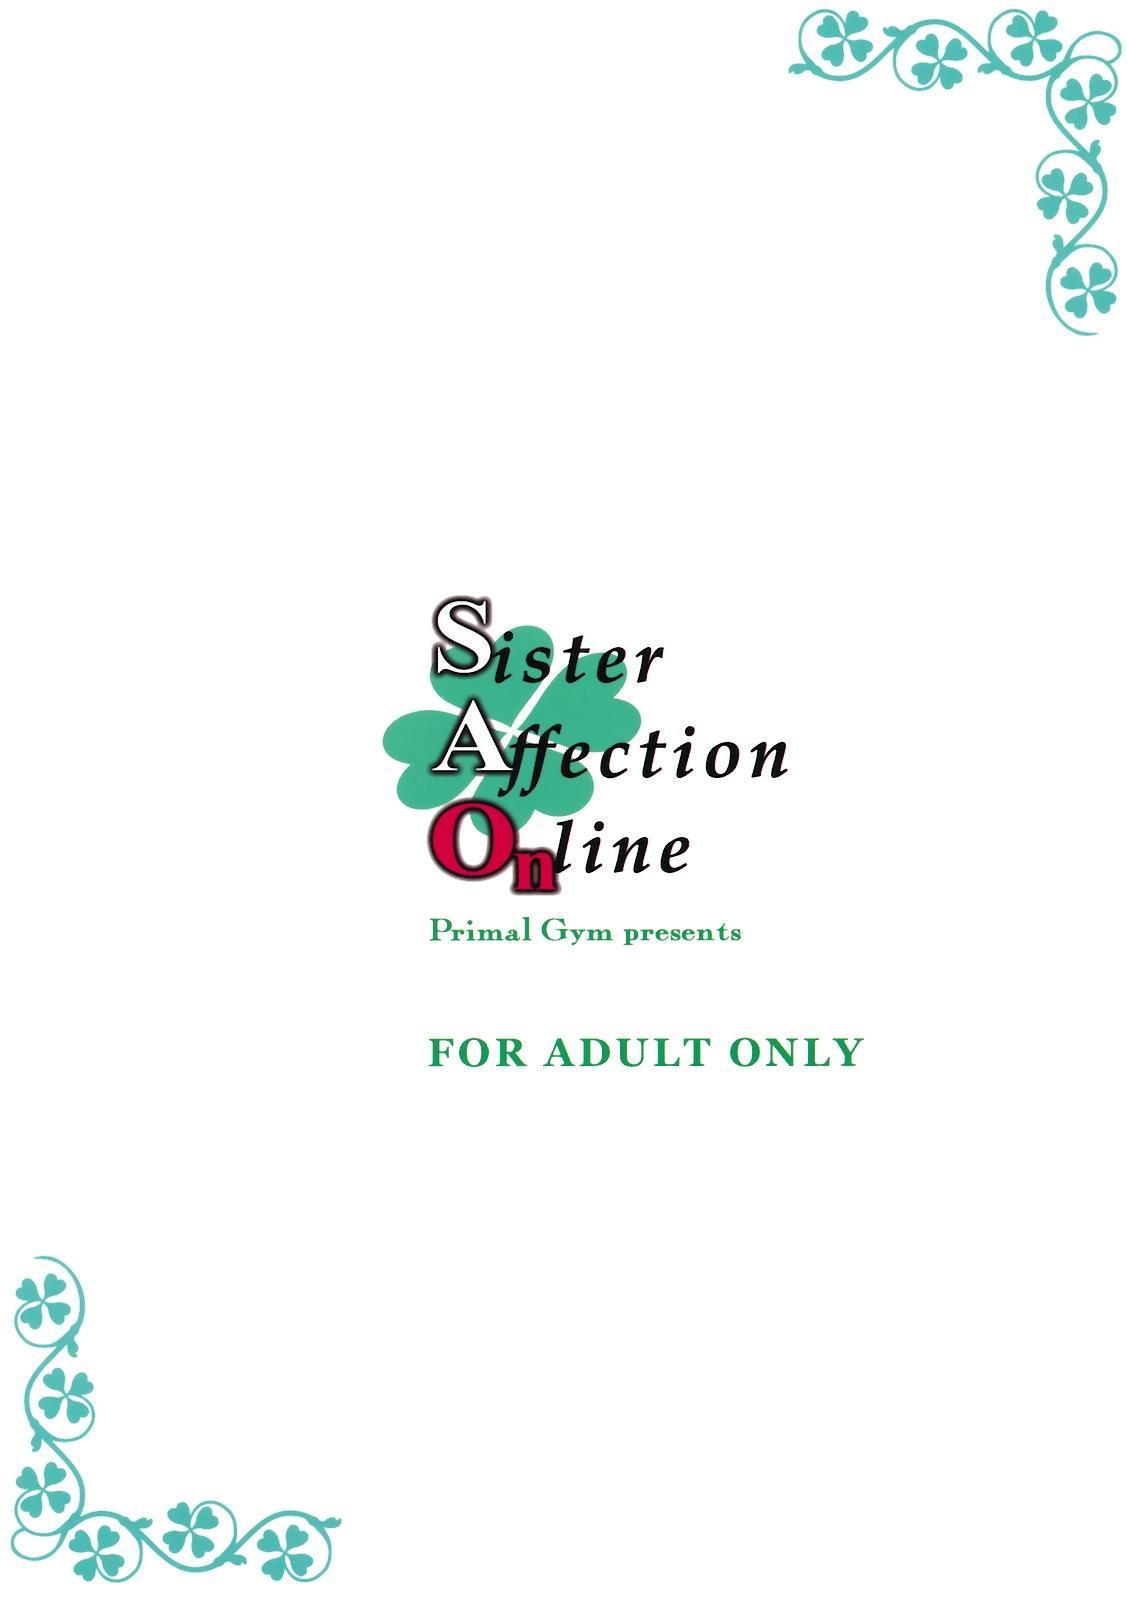 Sister Affection Online 18